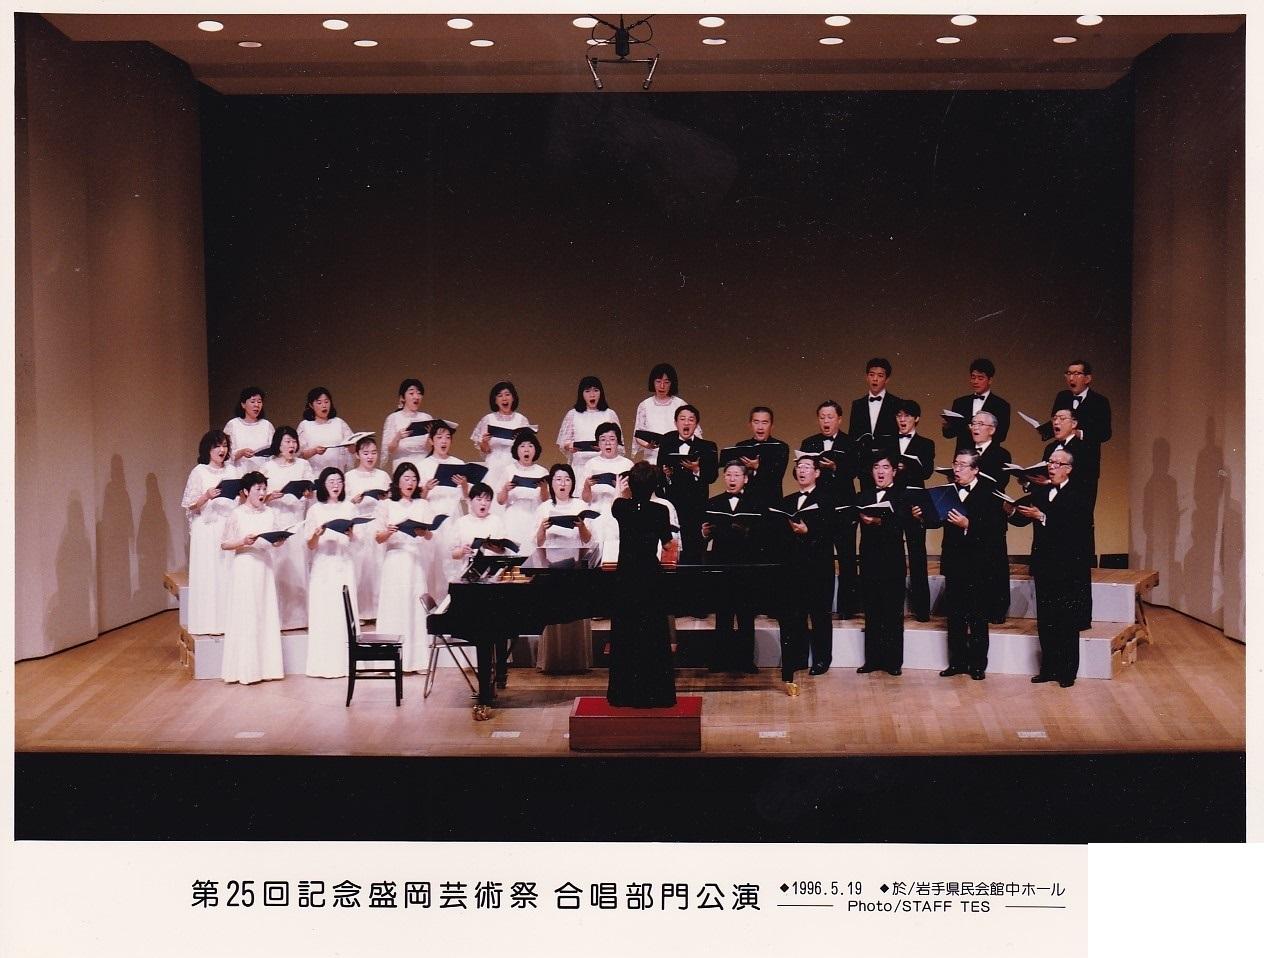 盛岡芸術祭1996_c0125004_17255864.jpg